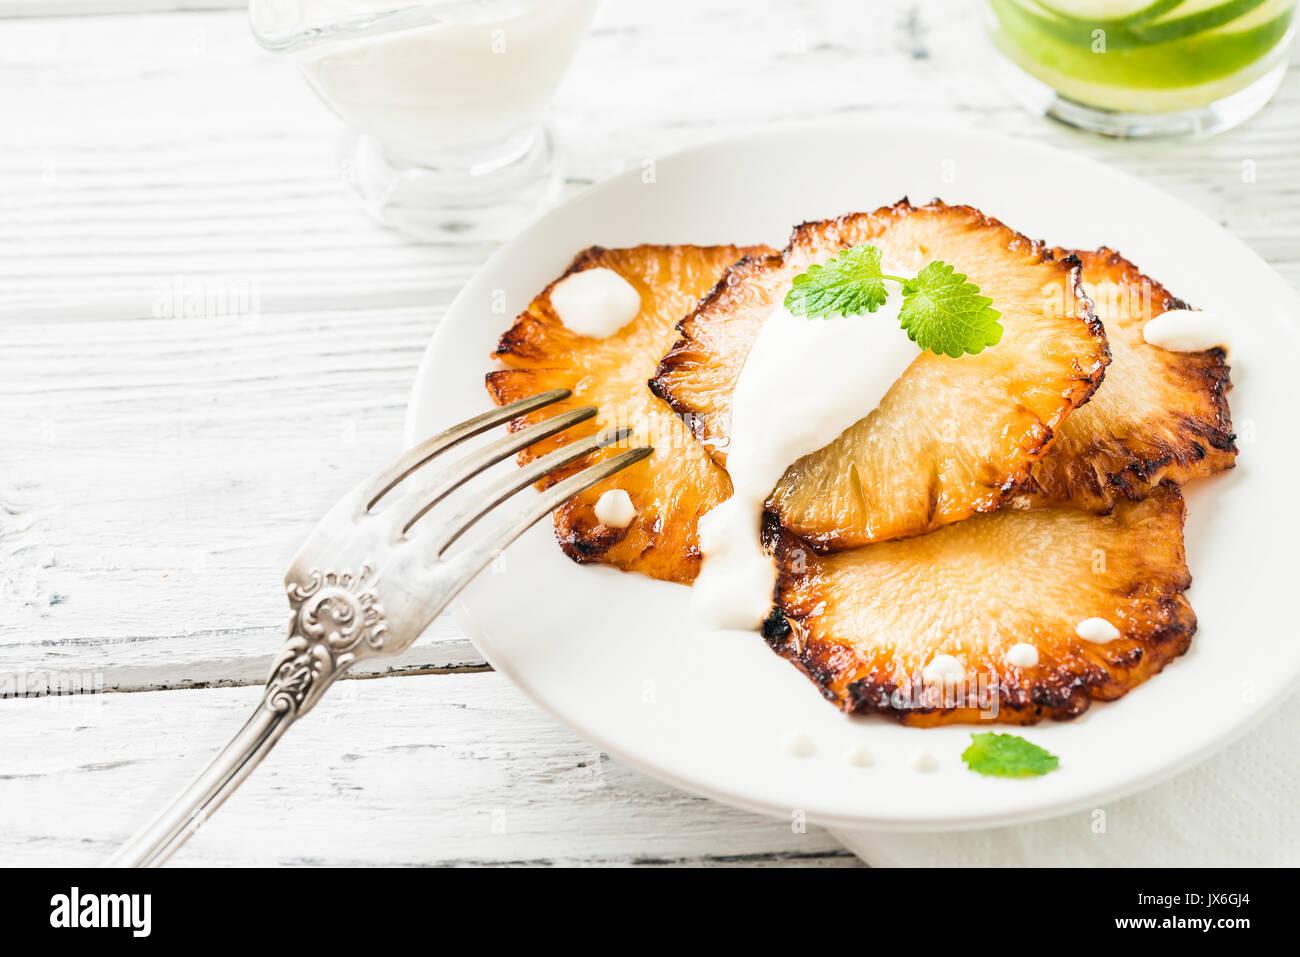 Gebratene Ananasscheiben mit Creme fraiche, Minze in Weiß Platte auf Holz- Hintergrund Stockfoto